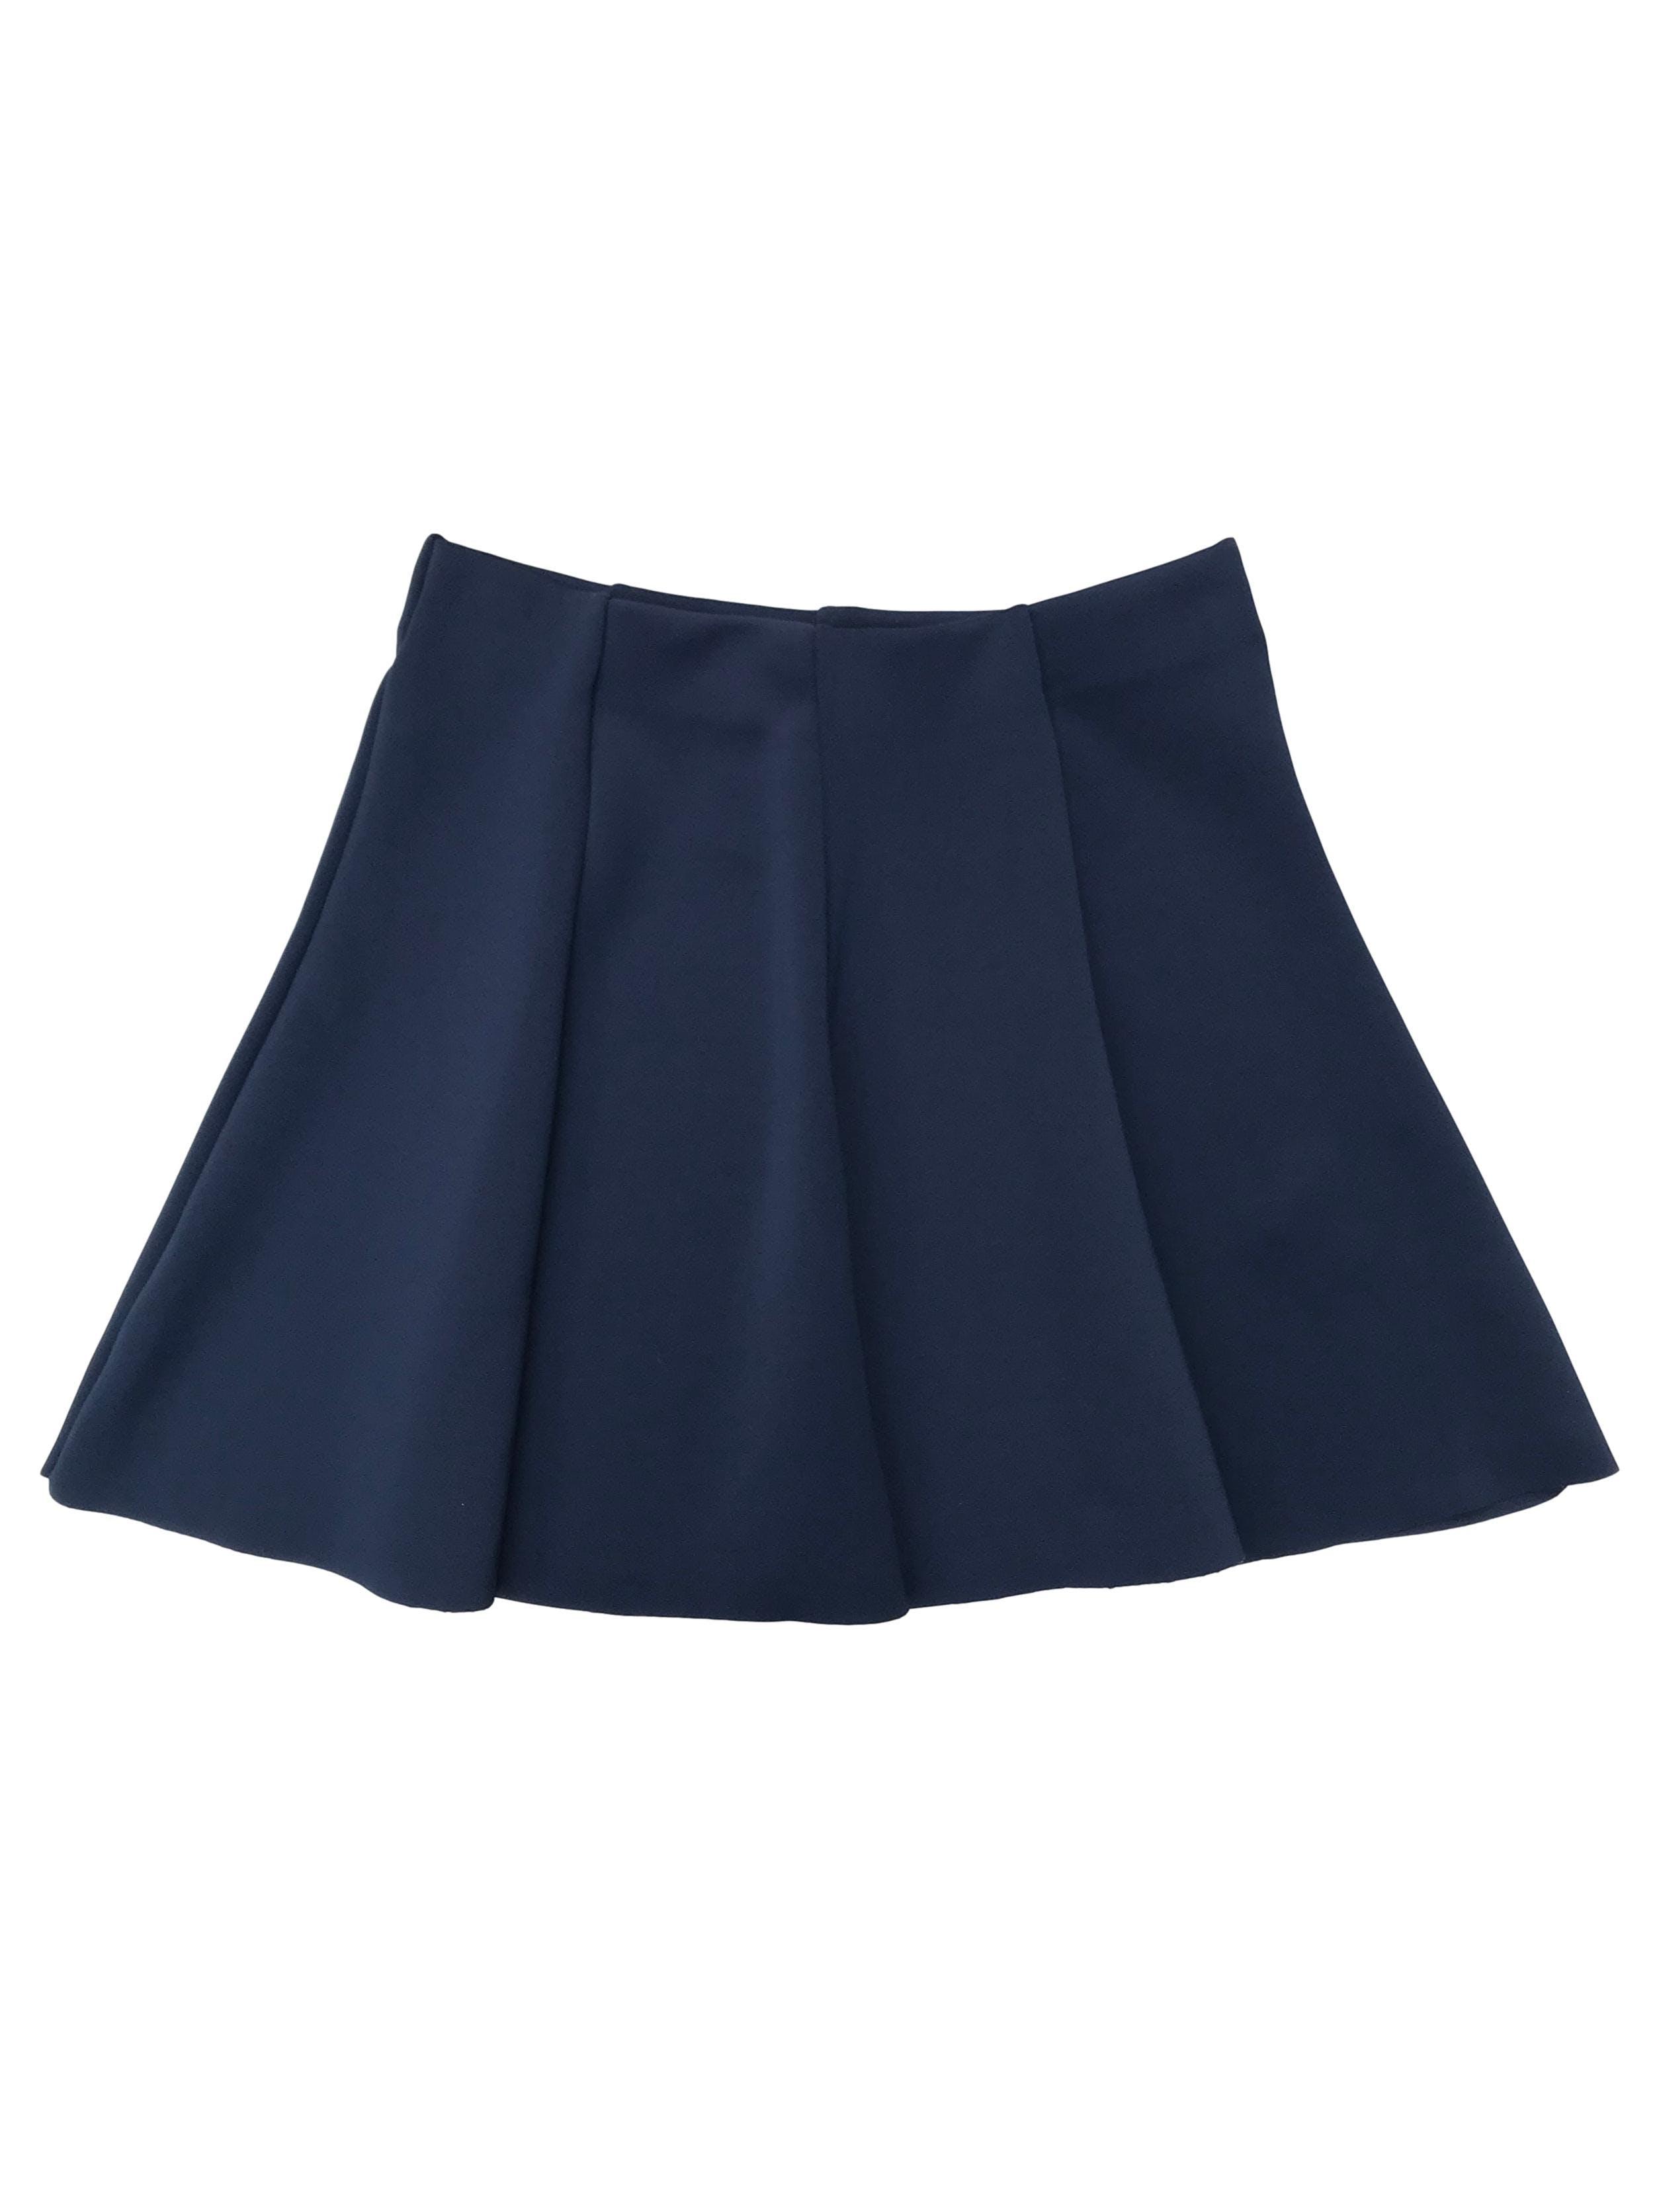 Falda azul tela tipo neopreno, corte campana, con elástico en la cintura. Pretina 68cm (sin estirar) Largo 40cm